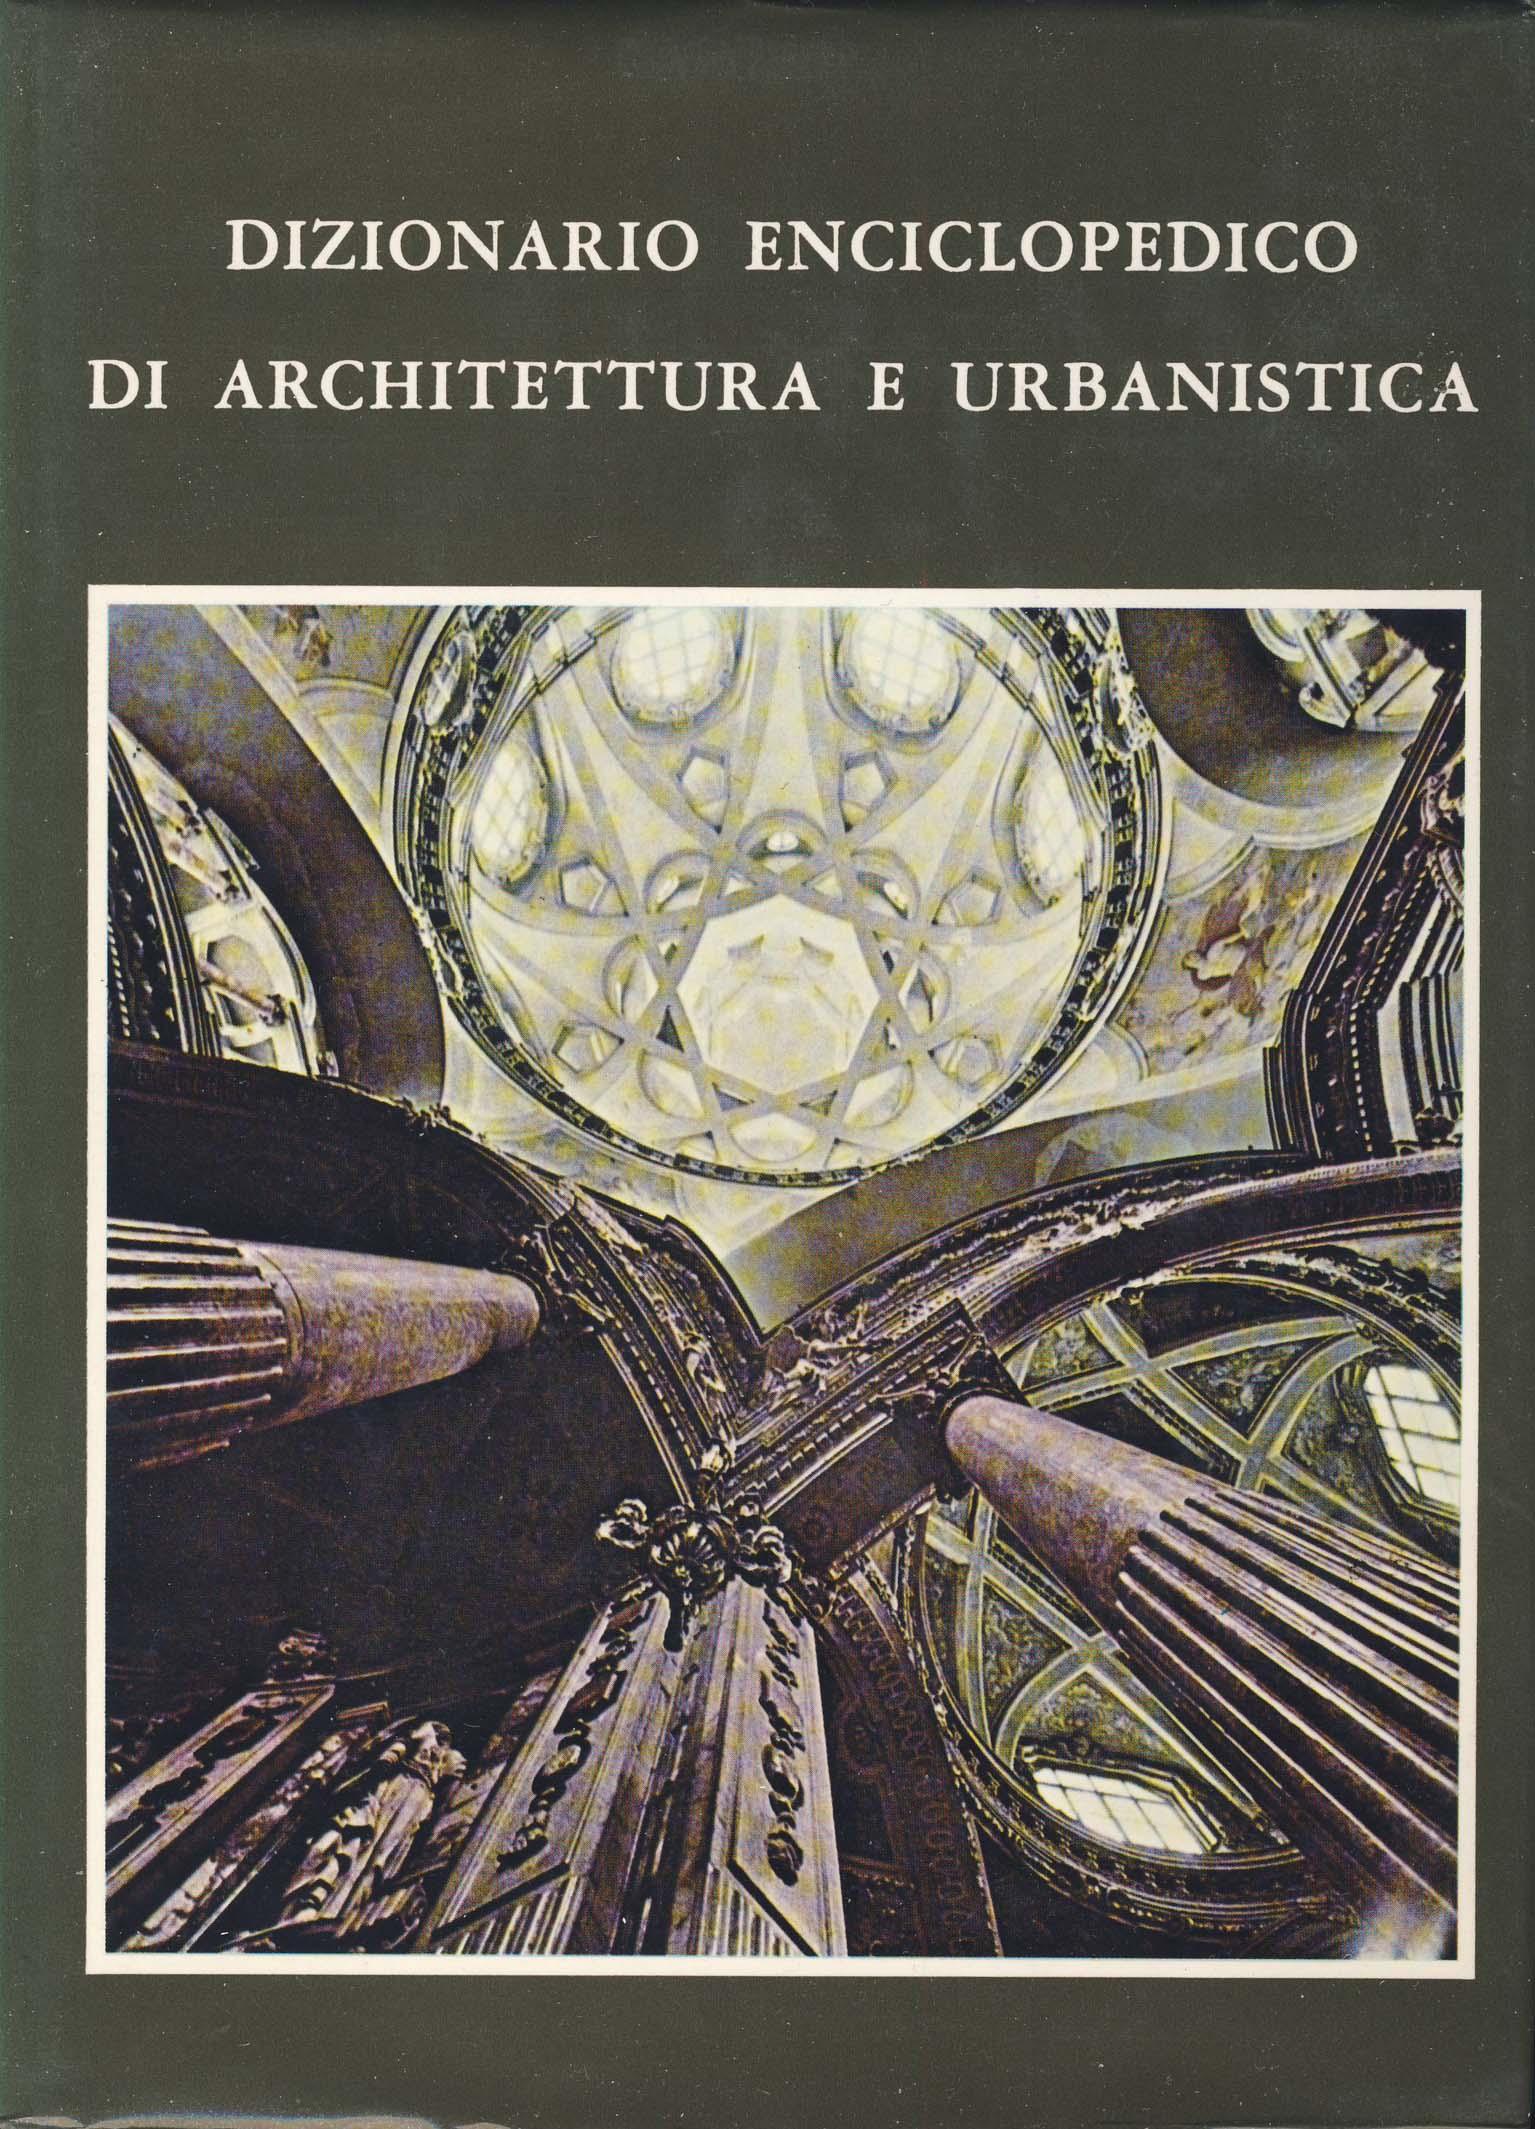 Dizionario enciclopedico di architettura e urbanistica - vol. IV